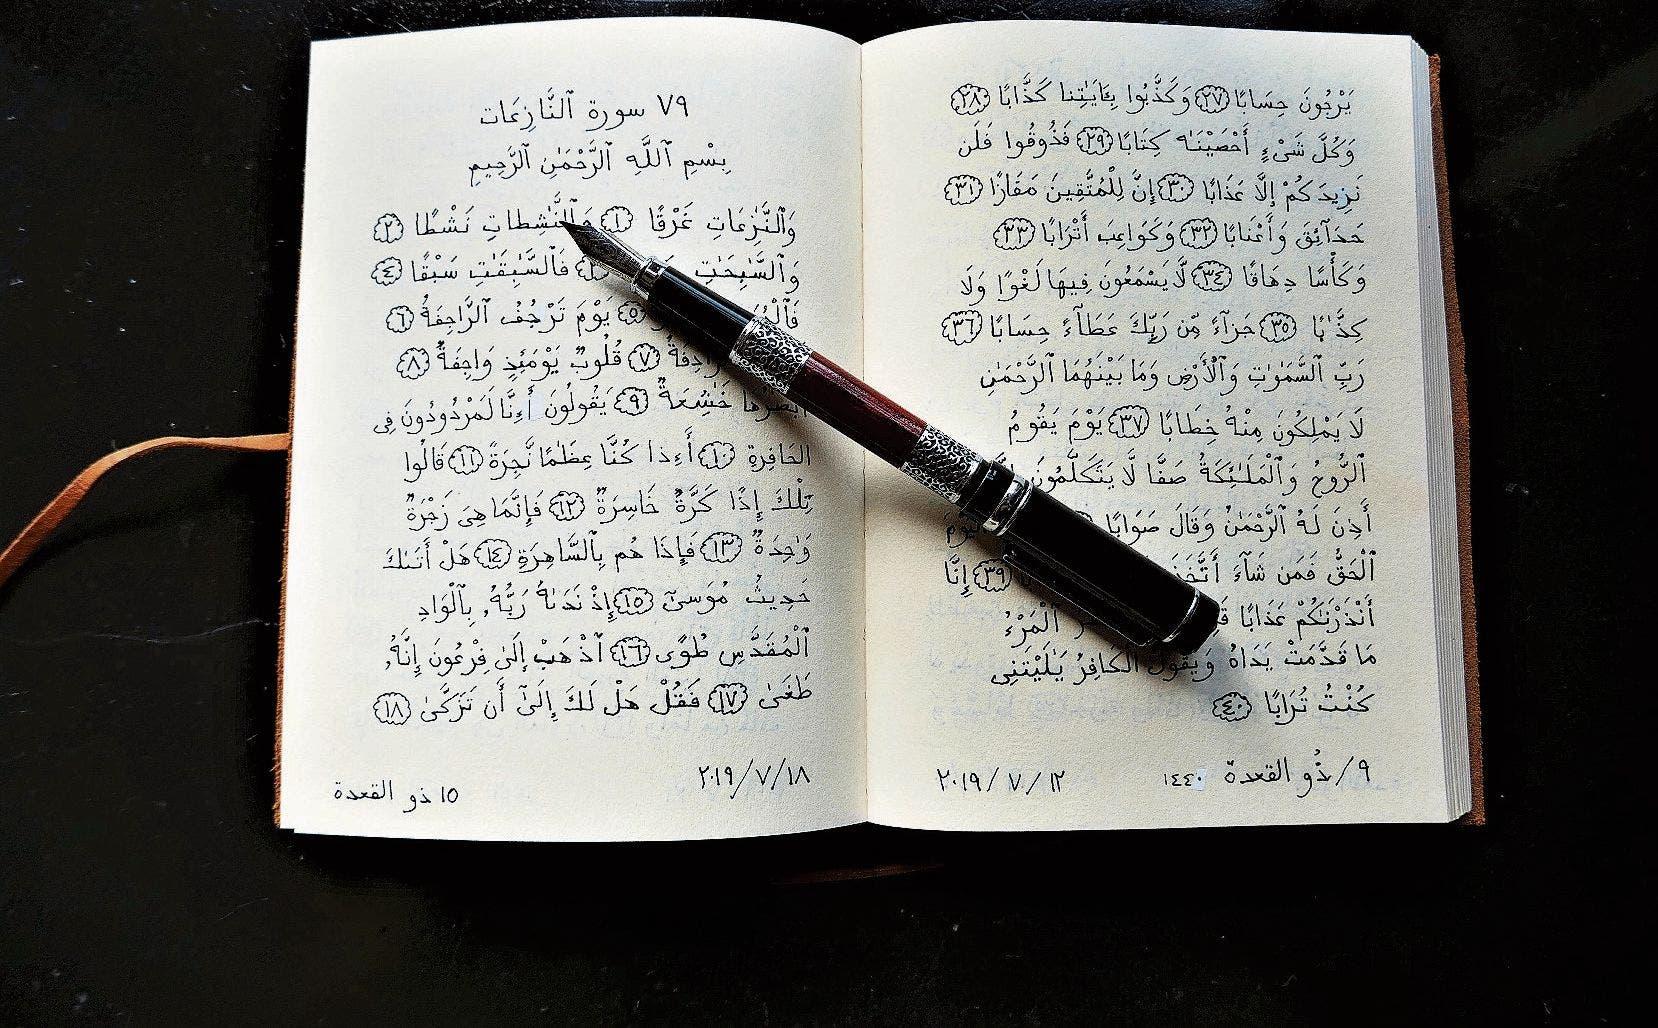 826 handgeschriebene Seiten: Der Koran ist die heilige Schrift des Islams, welche die wörtliche Offenbarung an den Propheten Mohammed enthält. Sie besteht aus 114 Suren genannten Kapiteln. Diese wiederum setzen sich aus je einer unterschiedlichen Anzahl Verse zusammen.